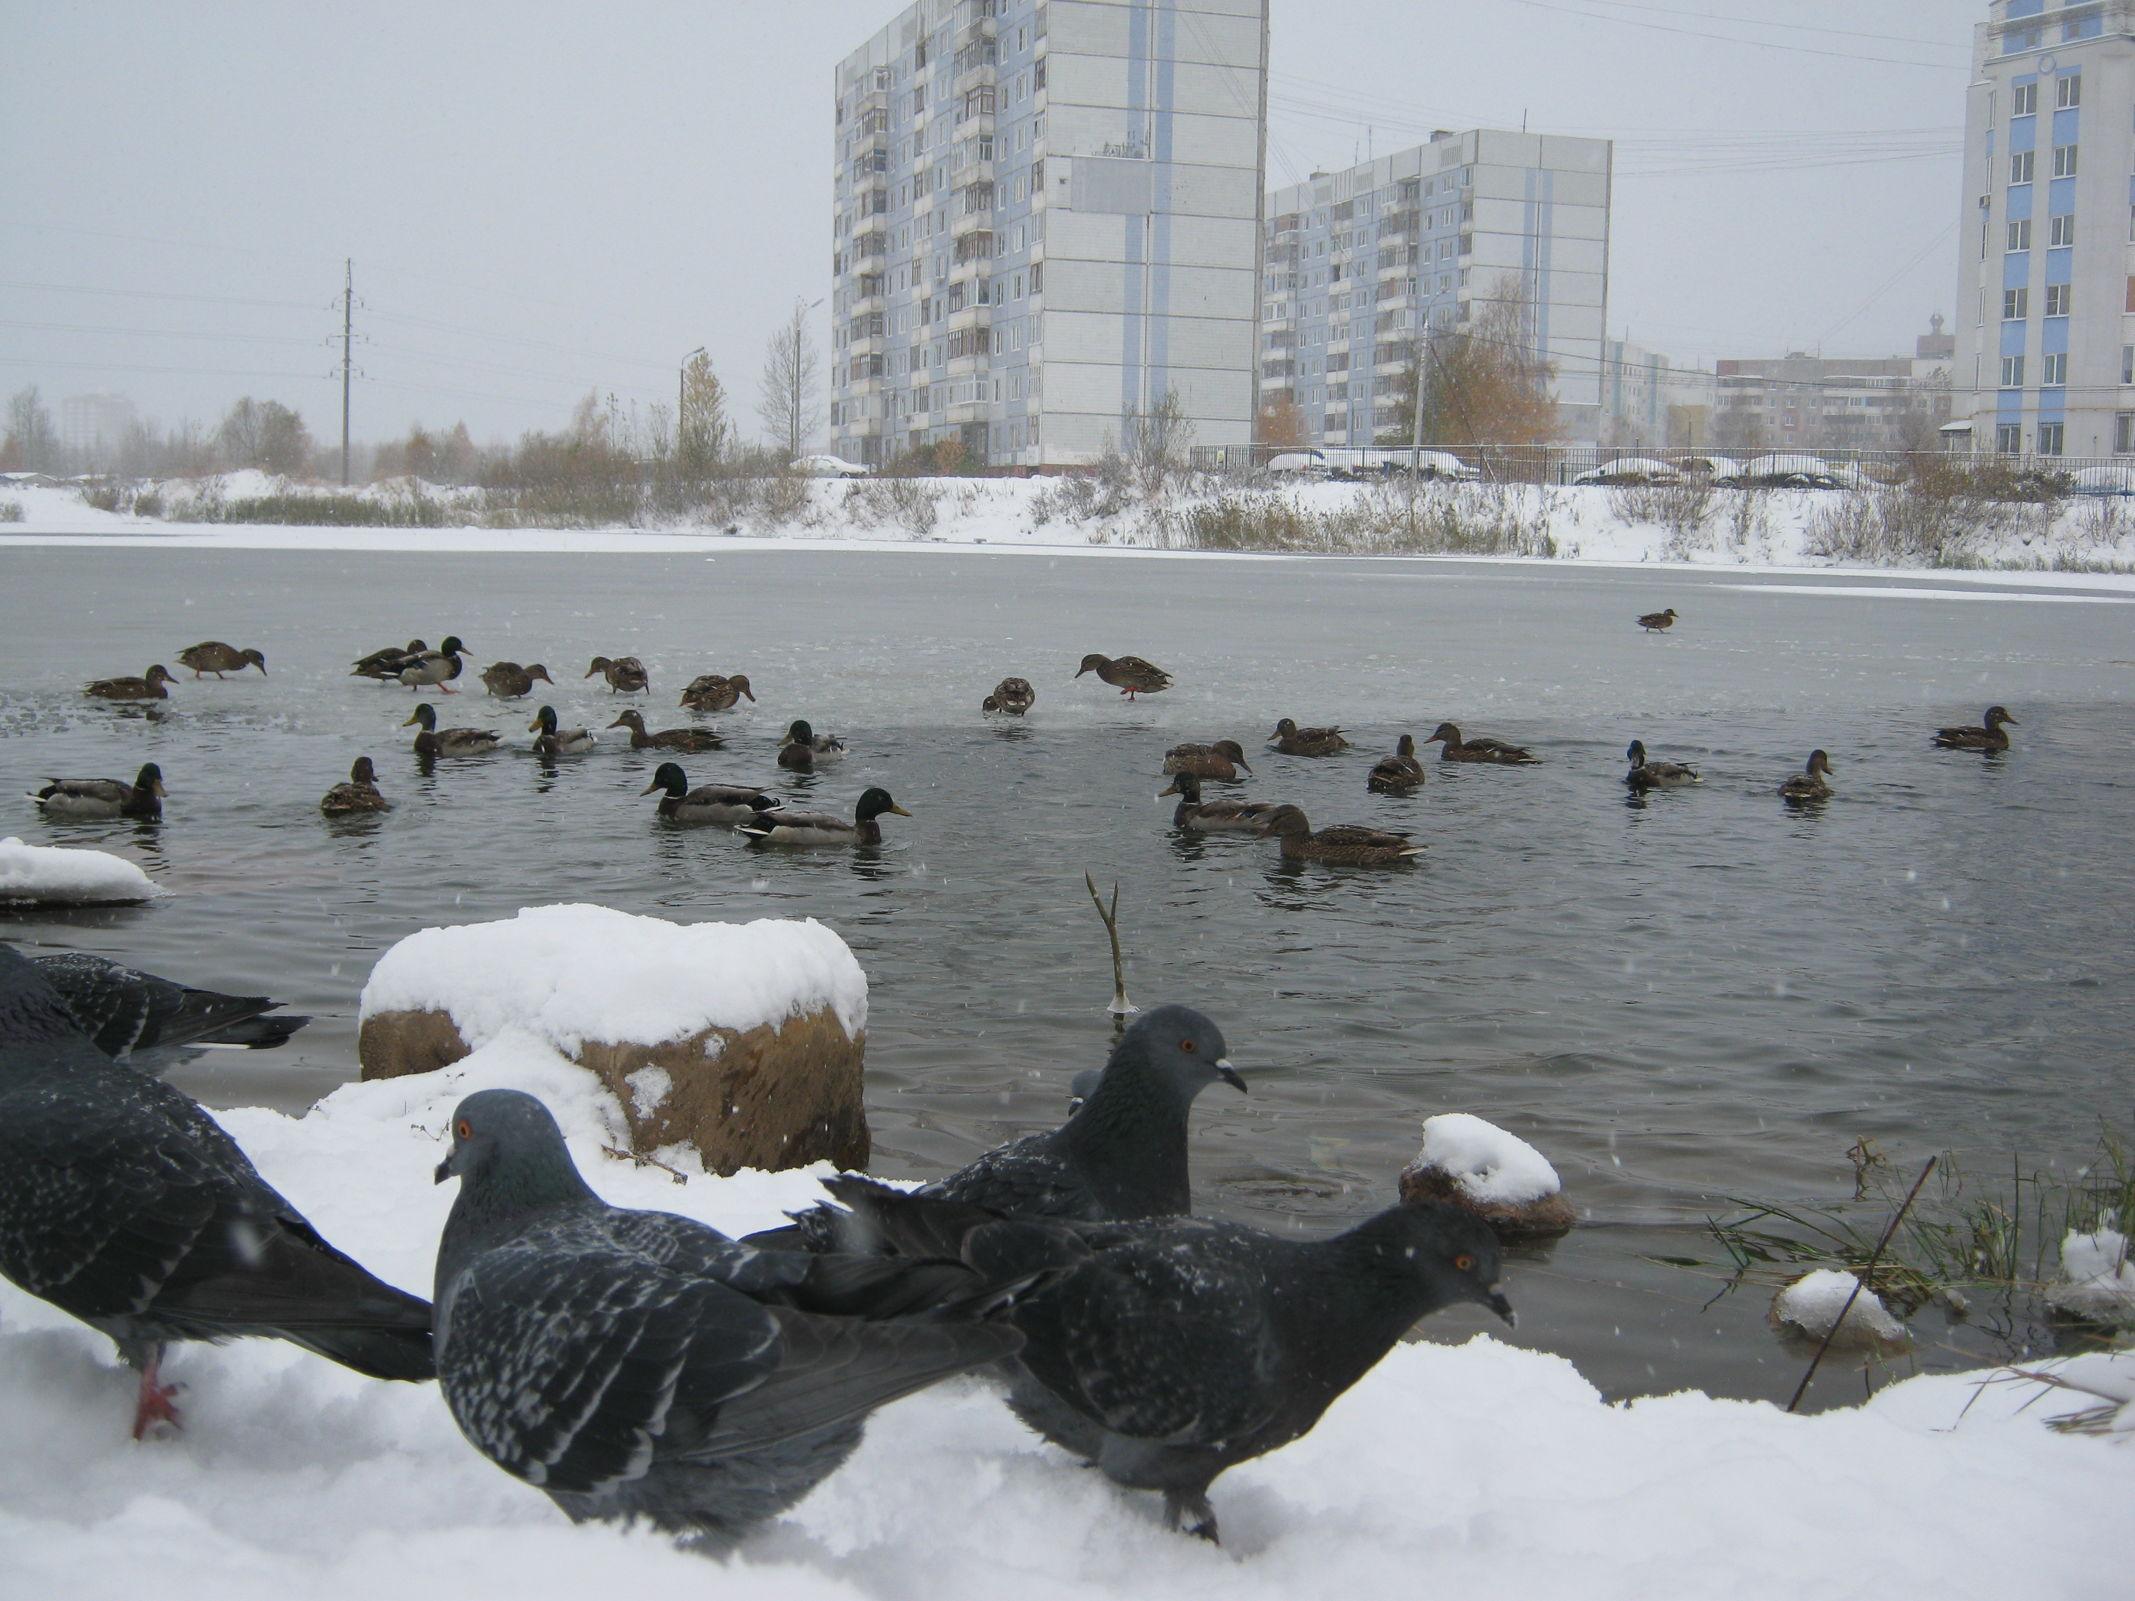 Рождественские морозы отменяются: Гидрометцентр спрогнозировал «мягкую зиму» в январе